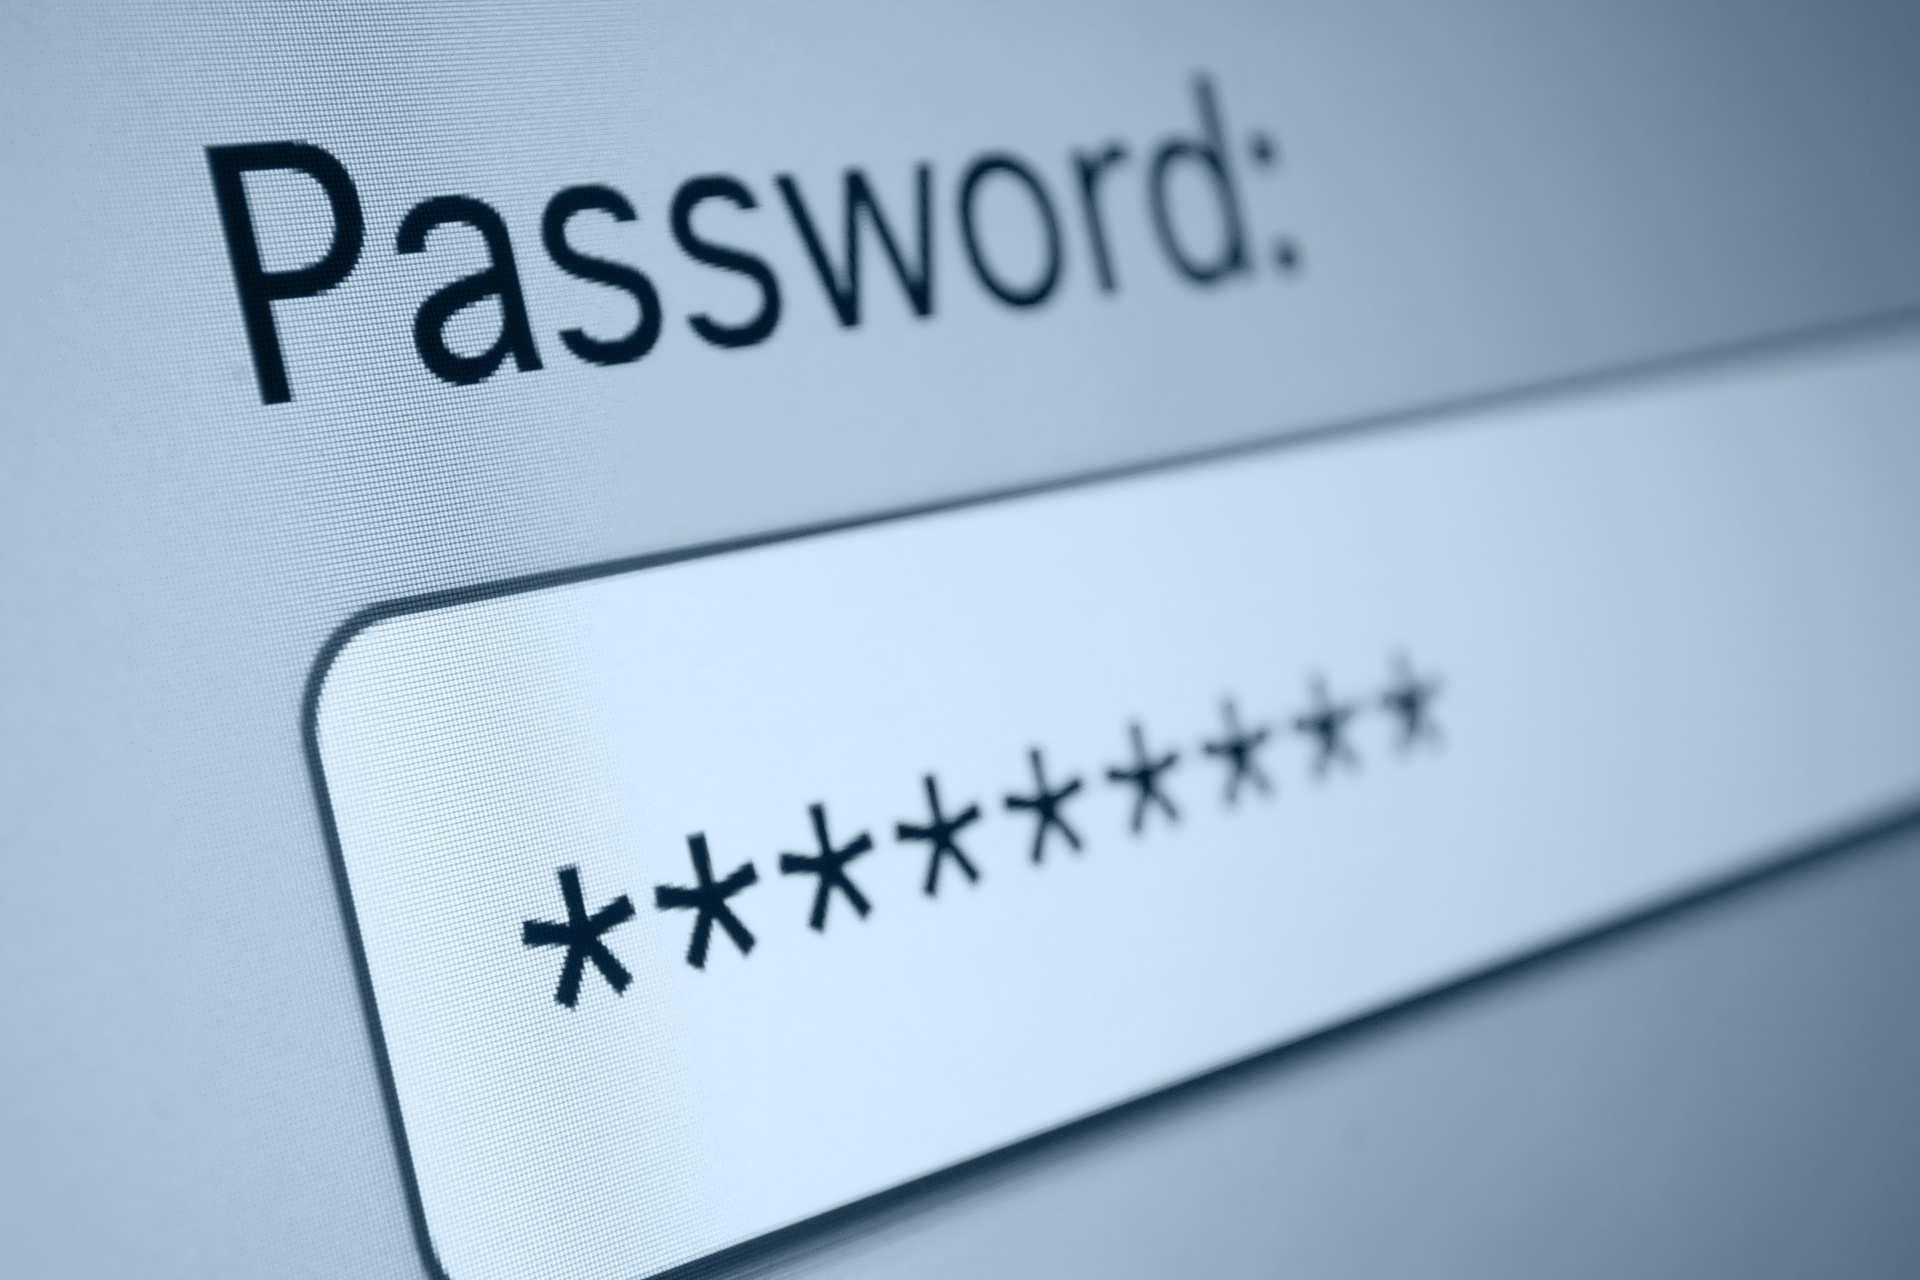 مشاهده رمز عبور تایپشده در مرورگر فایرفاکس +ترفند